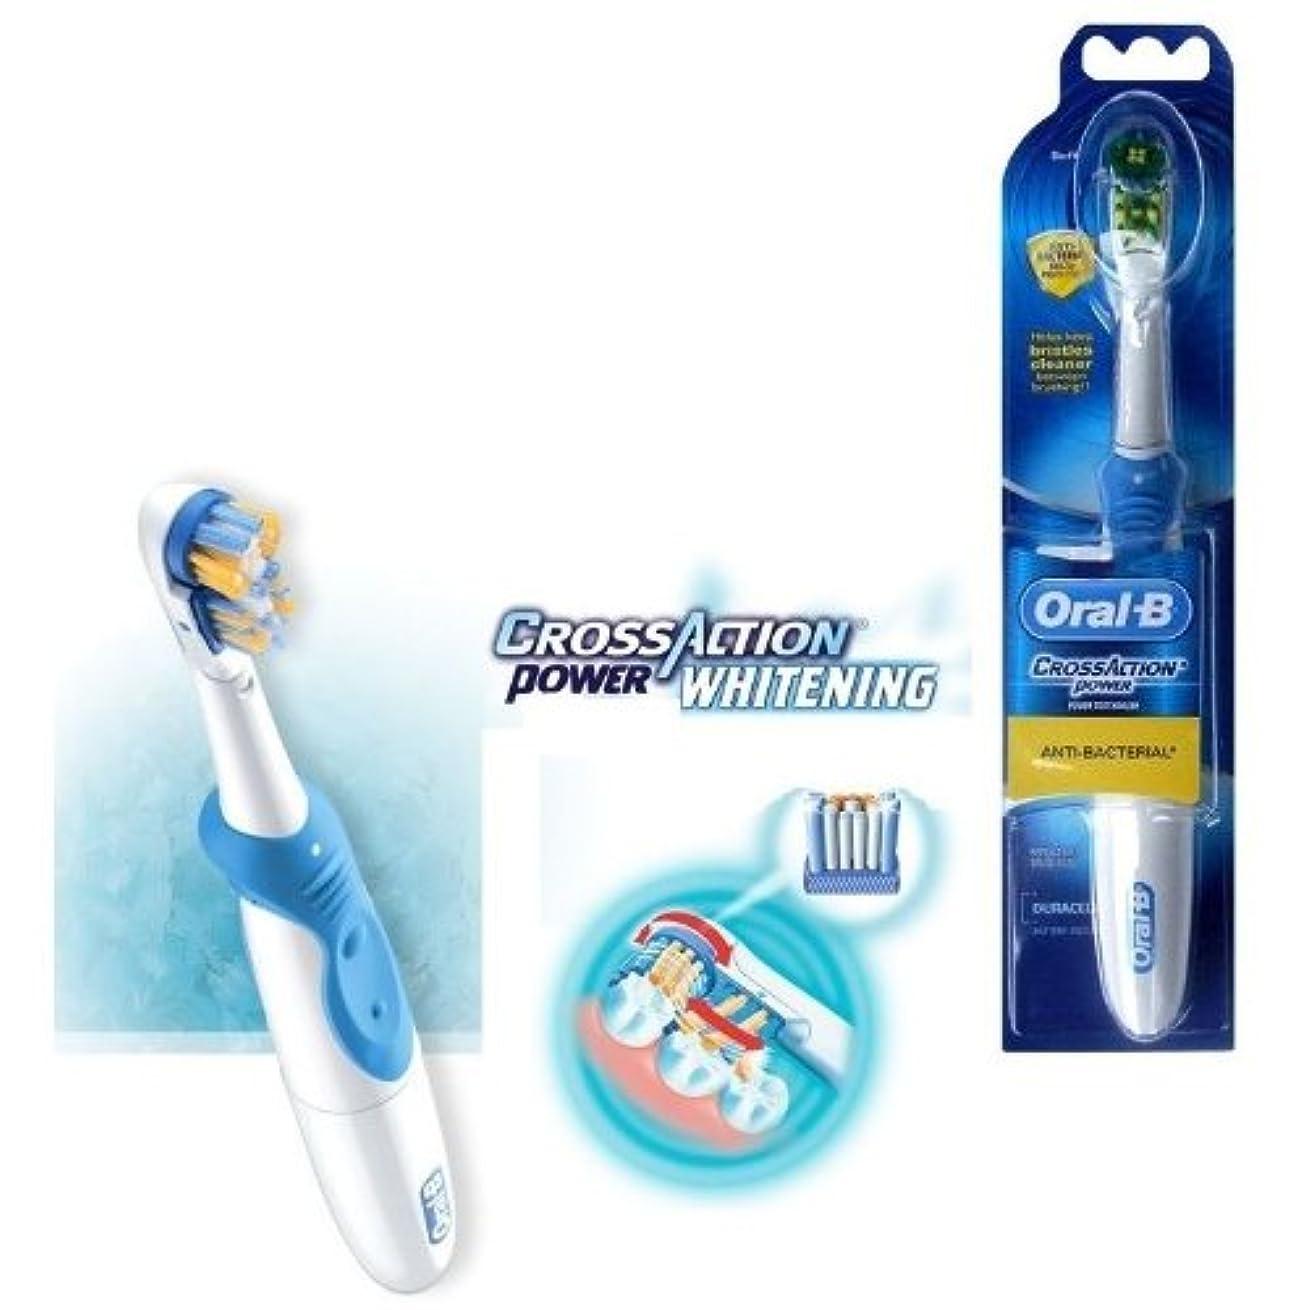 エイリアスセラー誓うBraun ORAL-B B1010 クロスアクションパワーデュアルクリーンクレストホワイト電動歯ブラシ [並行輸入品]